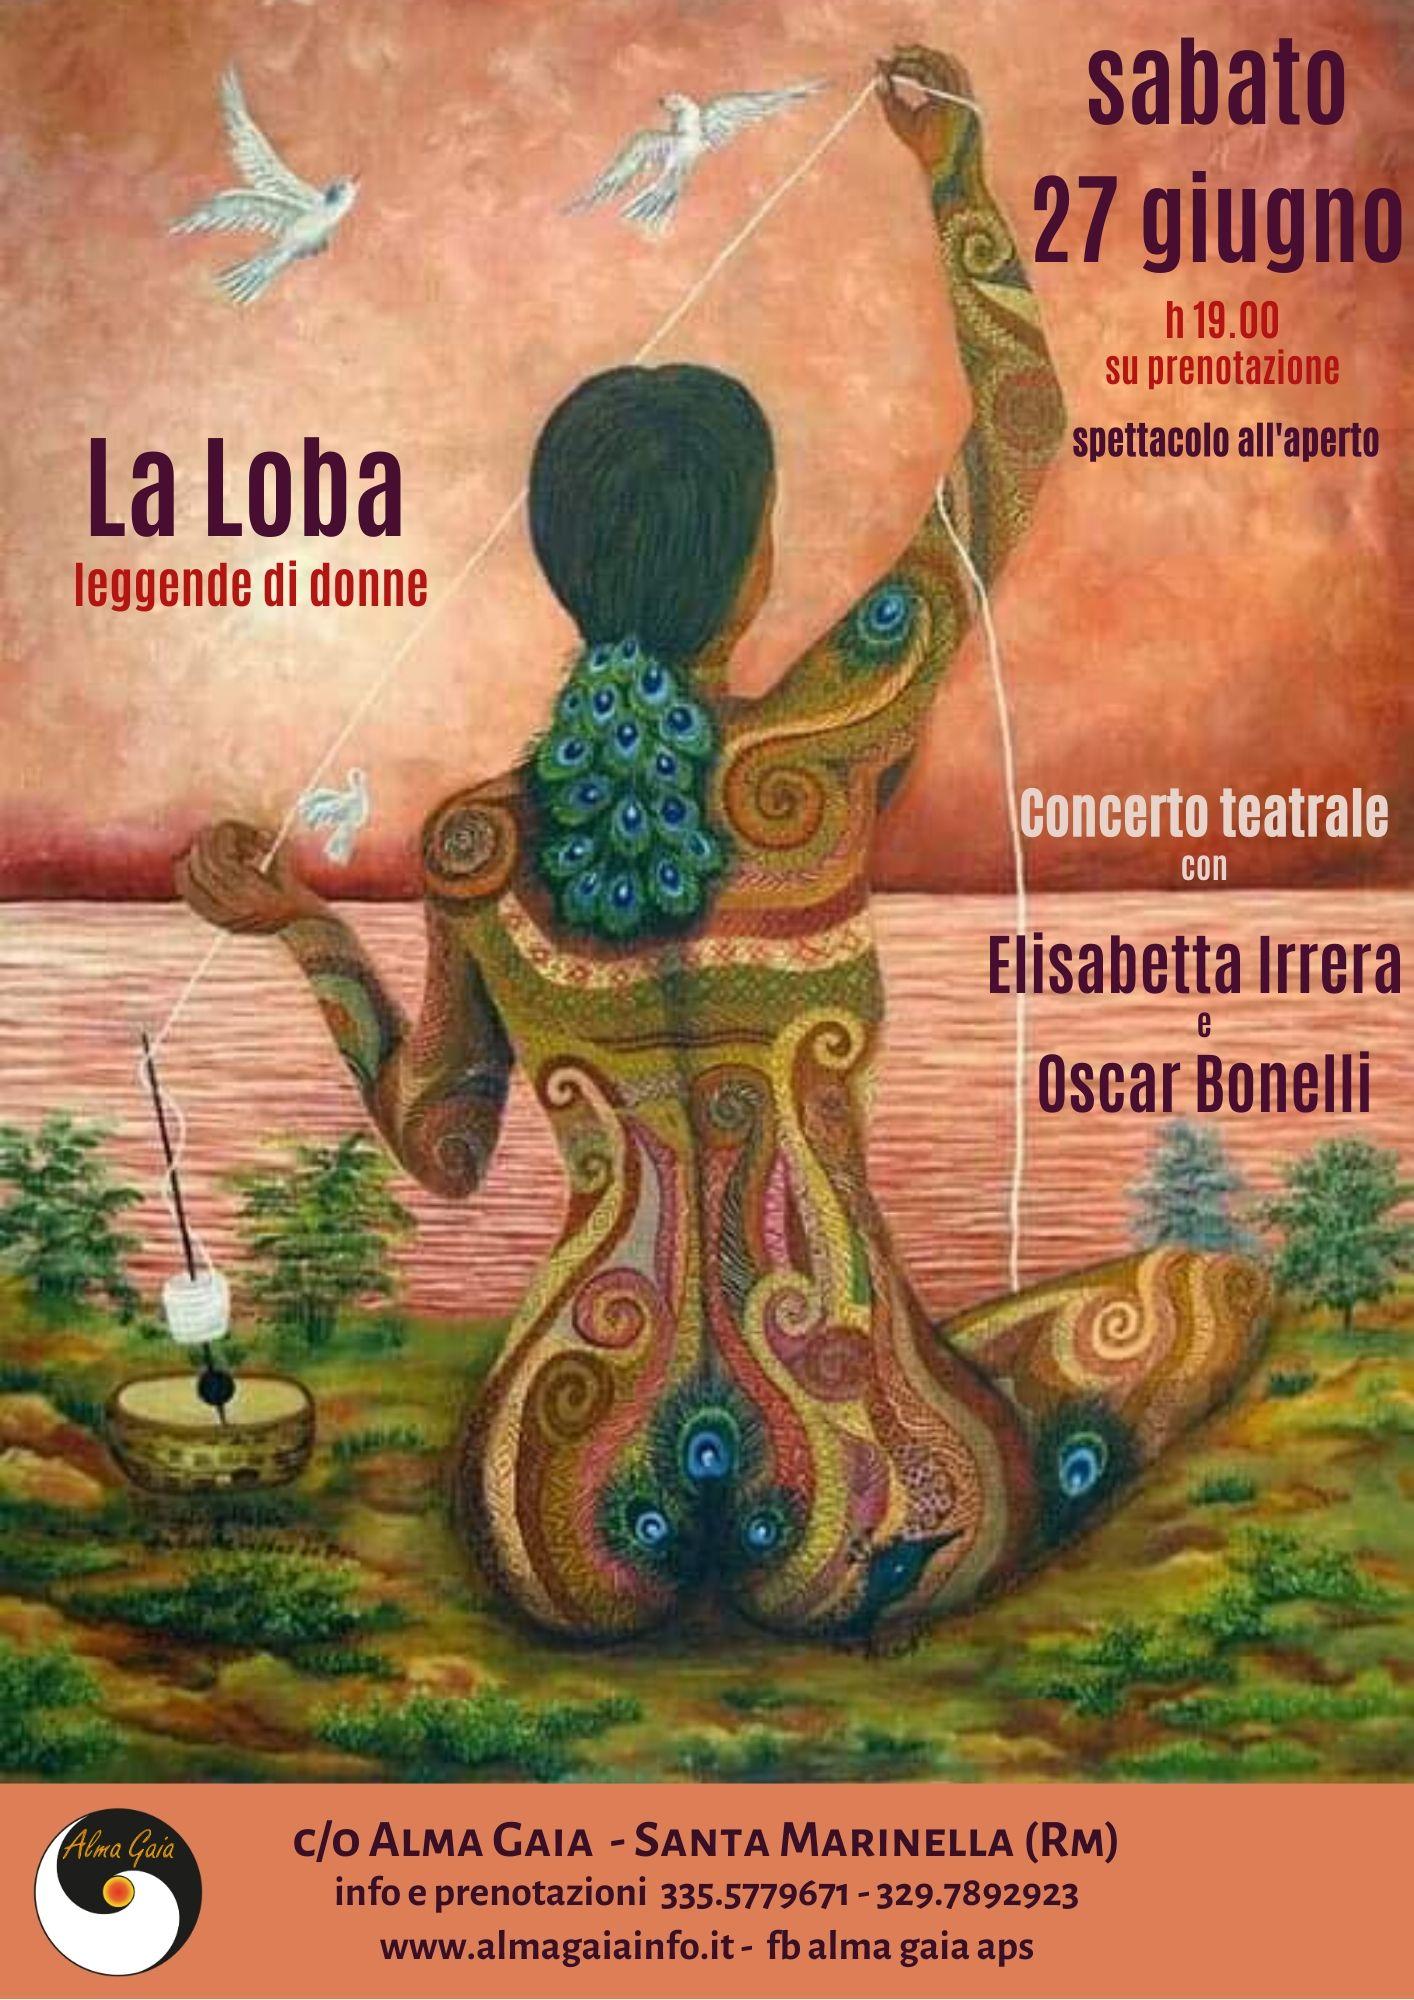 La Loba, leggende di donne – Concerto teatrale, sabato 27 giugno h 19.00